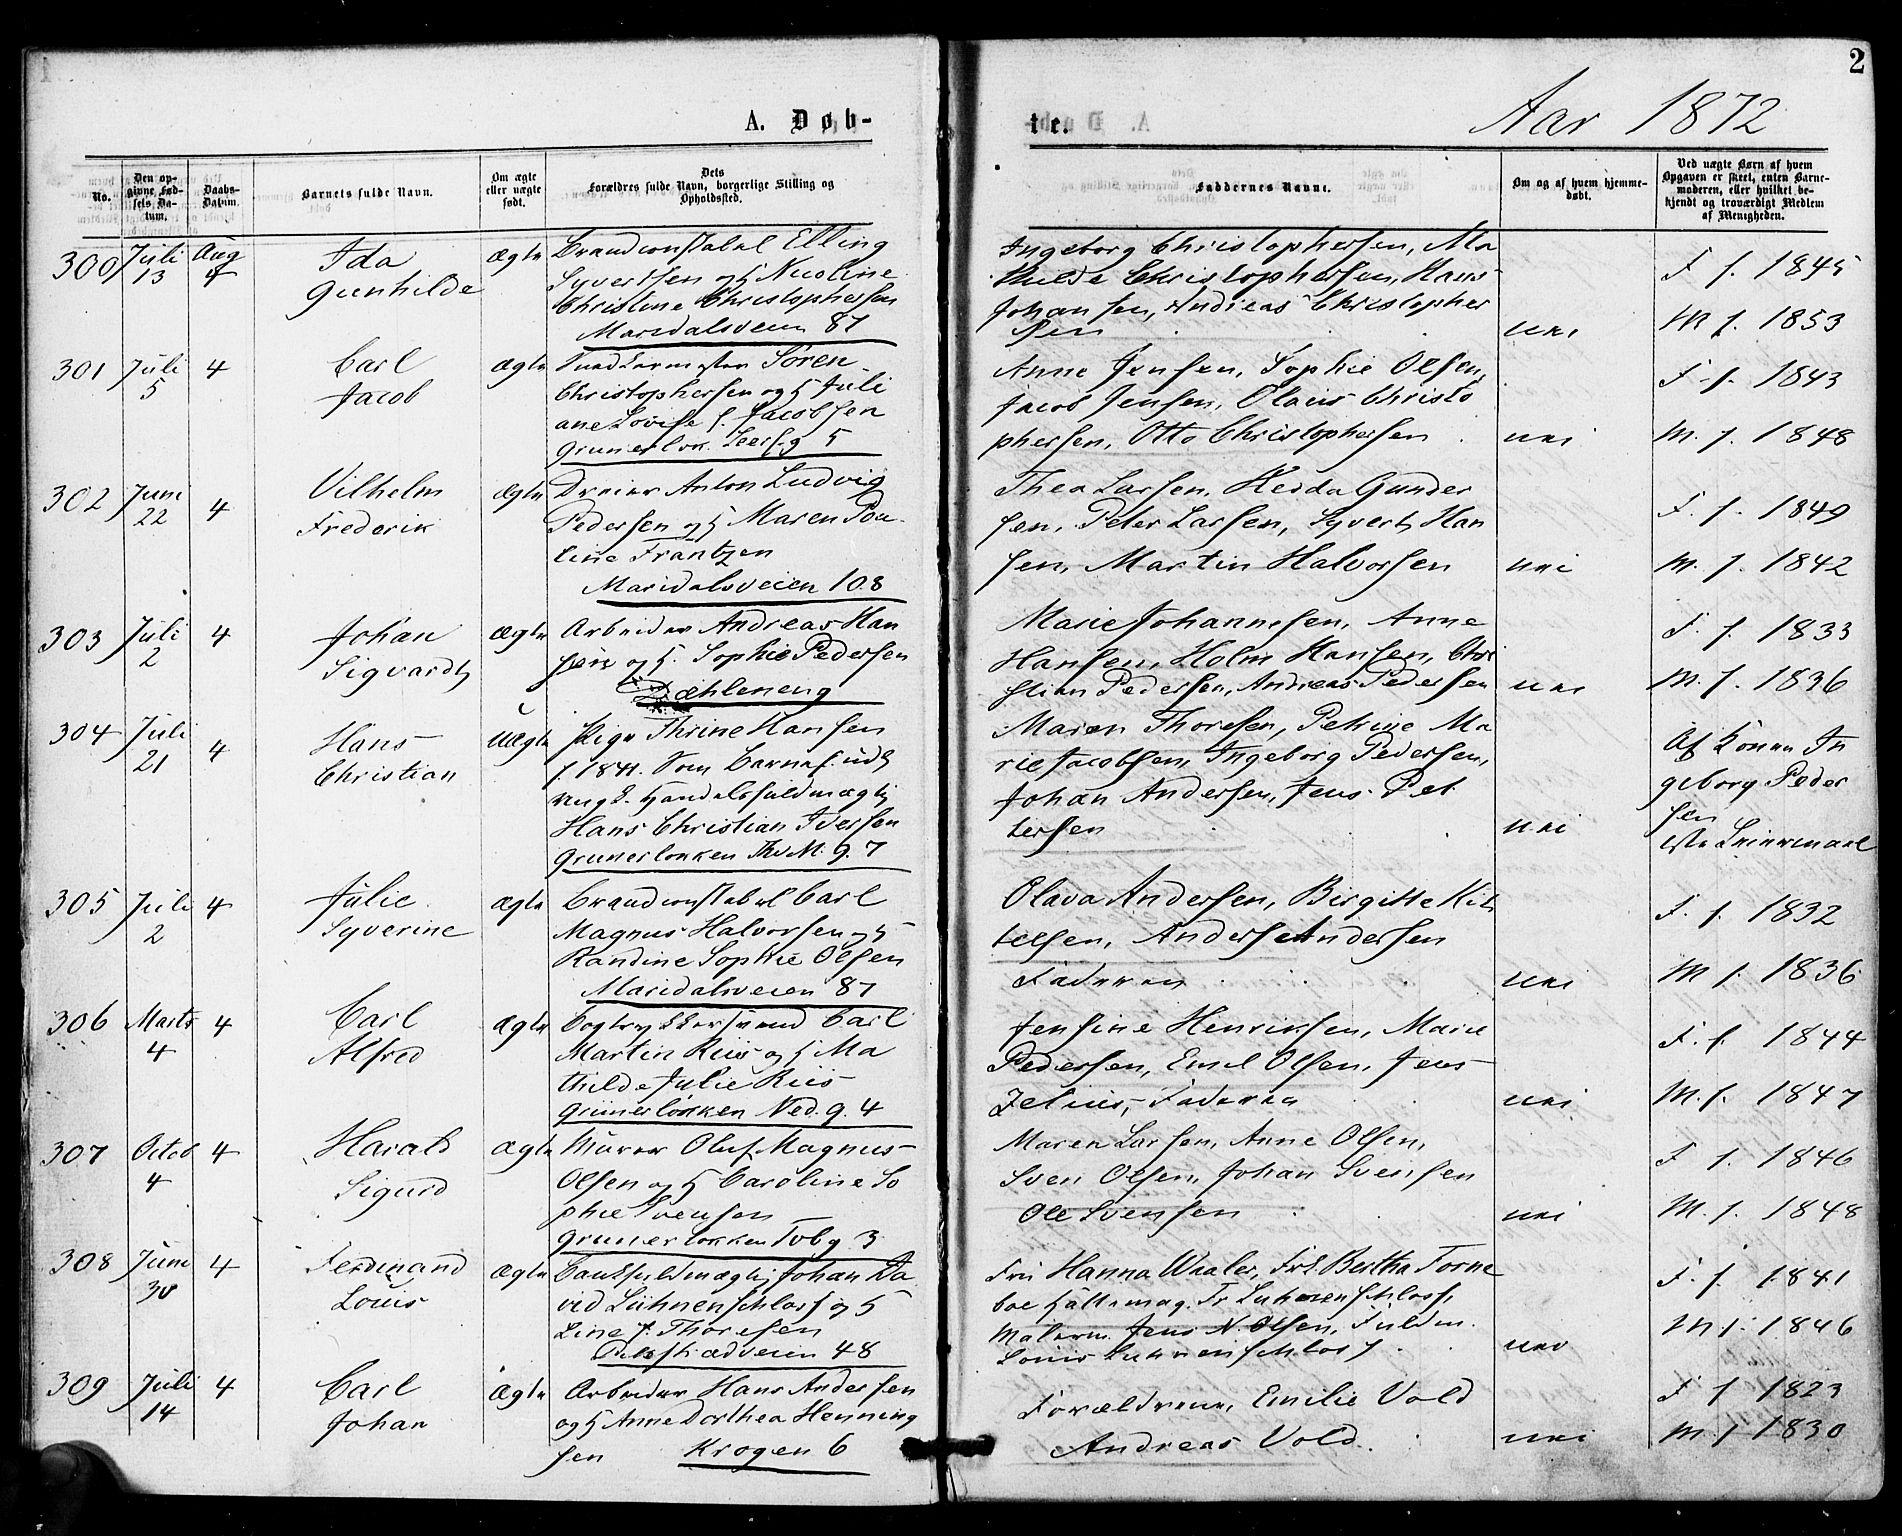 SAO, Gamle Aker prestekontor Kirkebøker, F/L0004: Ministerialbok nr. 4, 1872-1879, s. 2